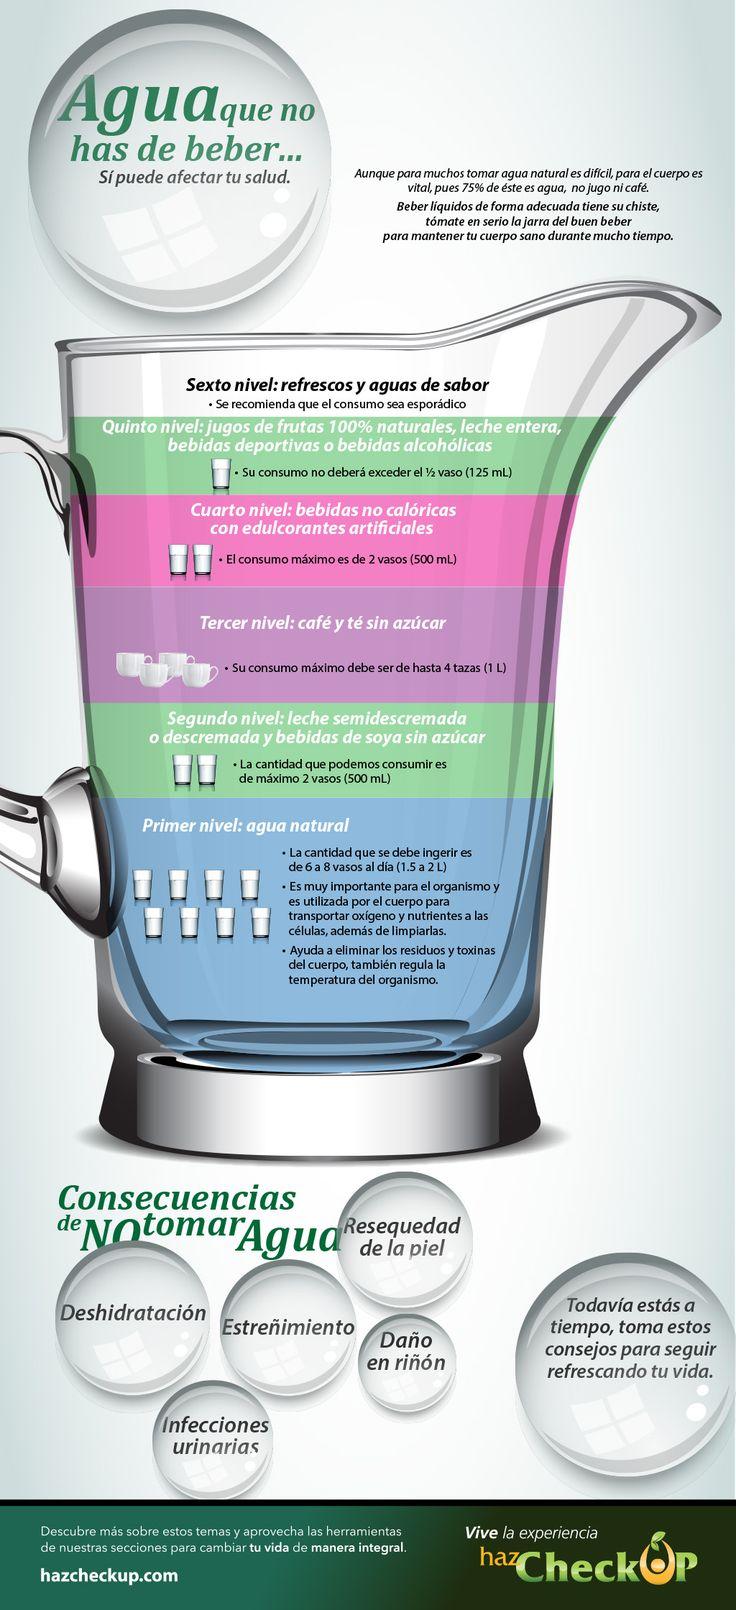 Toma entre 6 y 8 vasos de agua al día.  Consulta la jarra del buen beber: http://hazcheckup.com/alimentate-sano/jarra-buen-beber